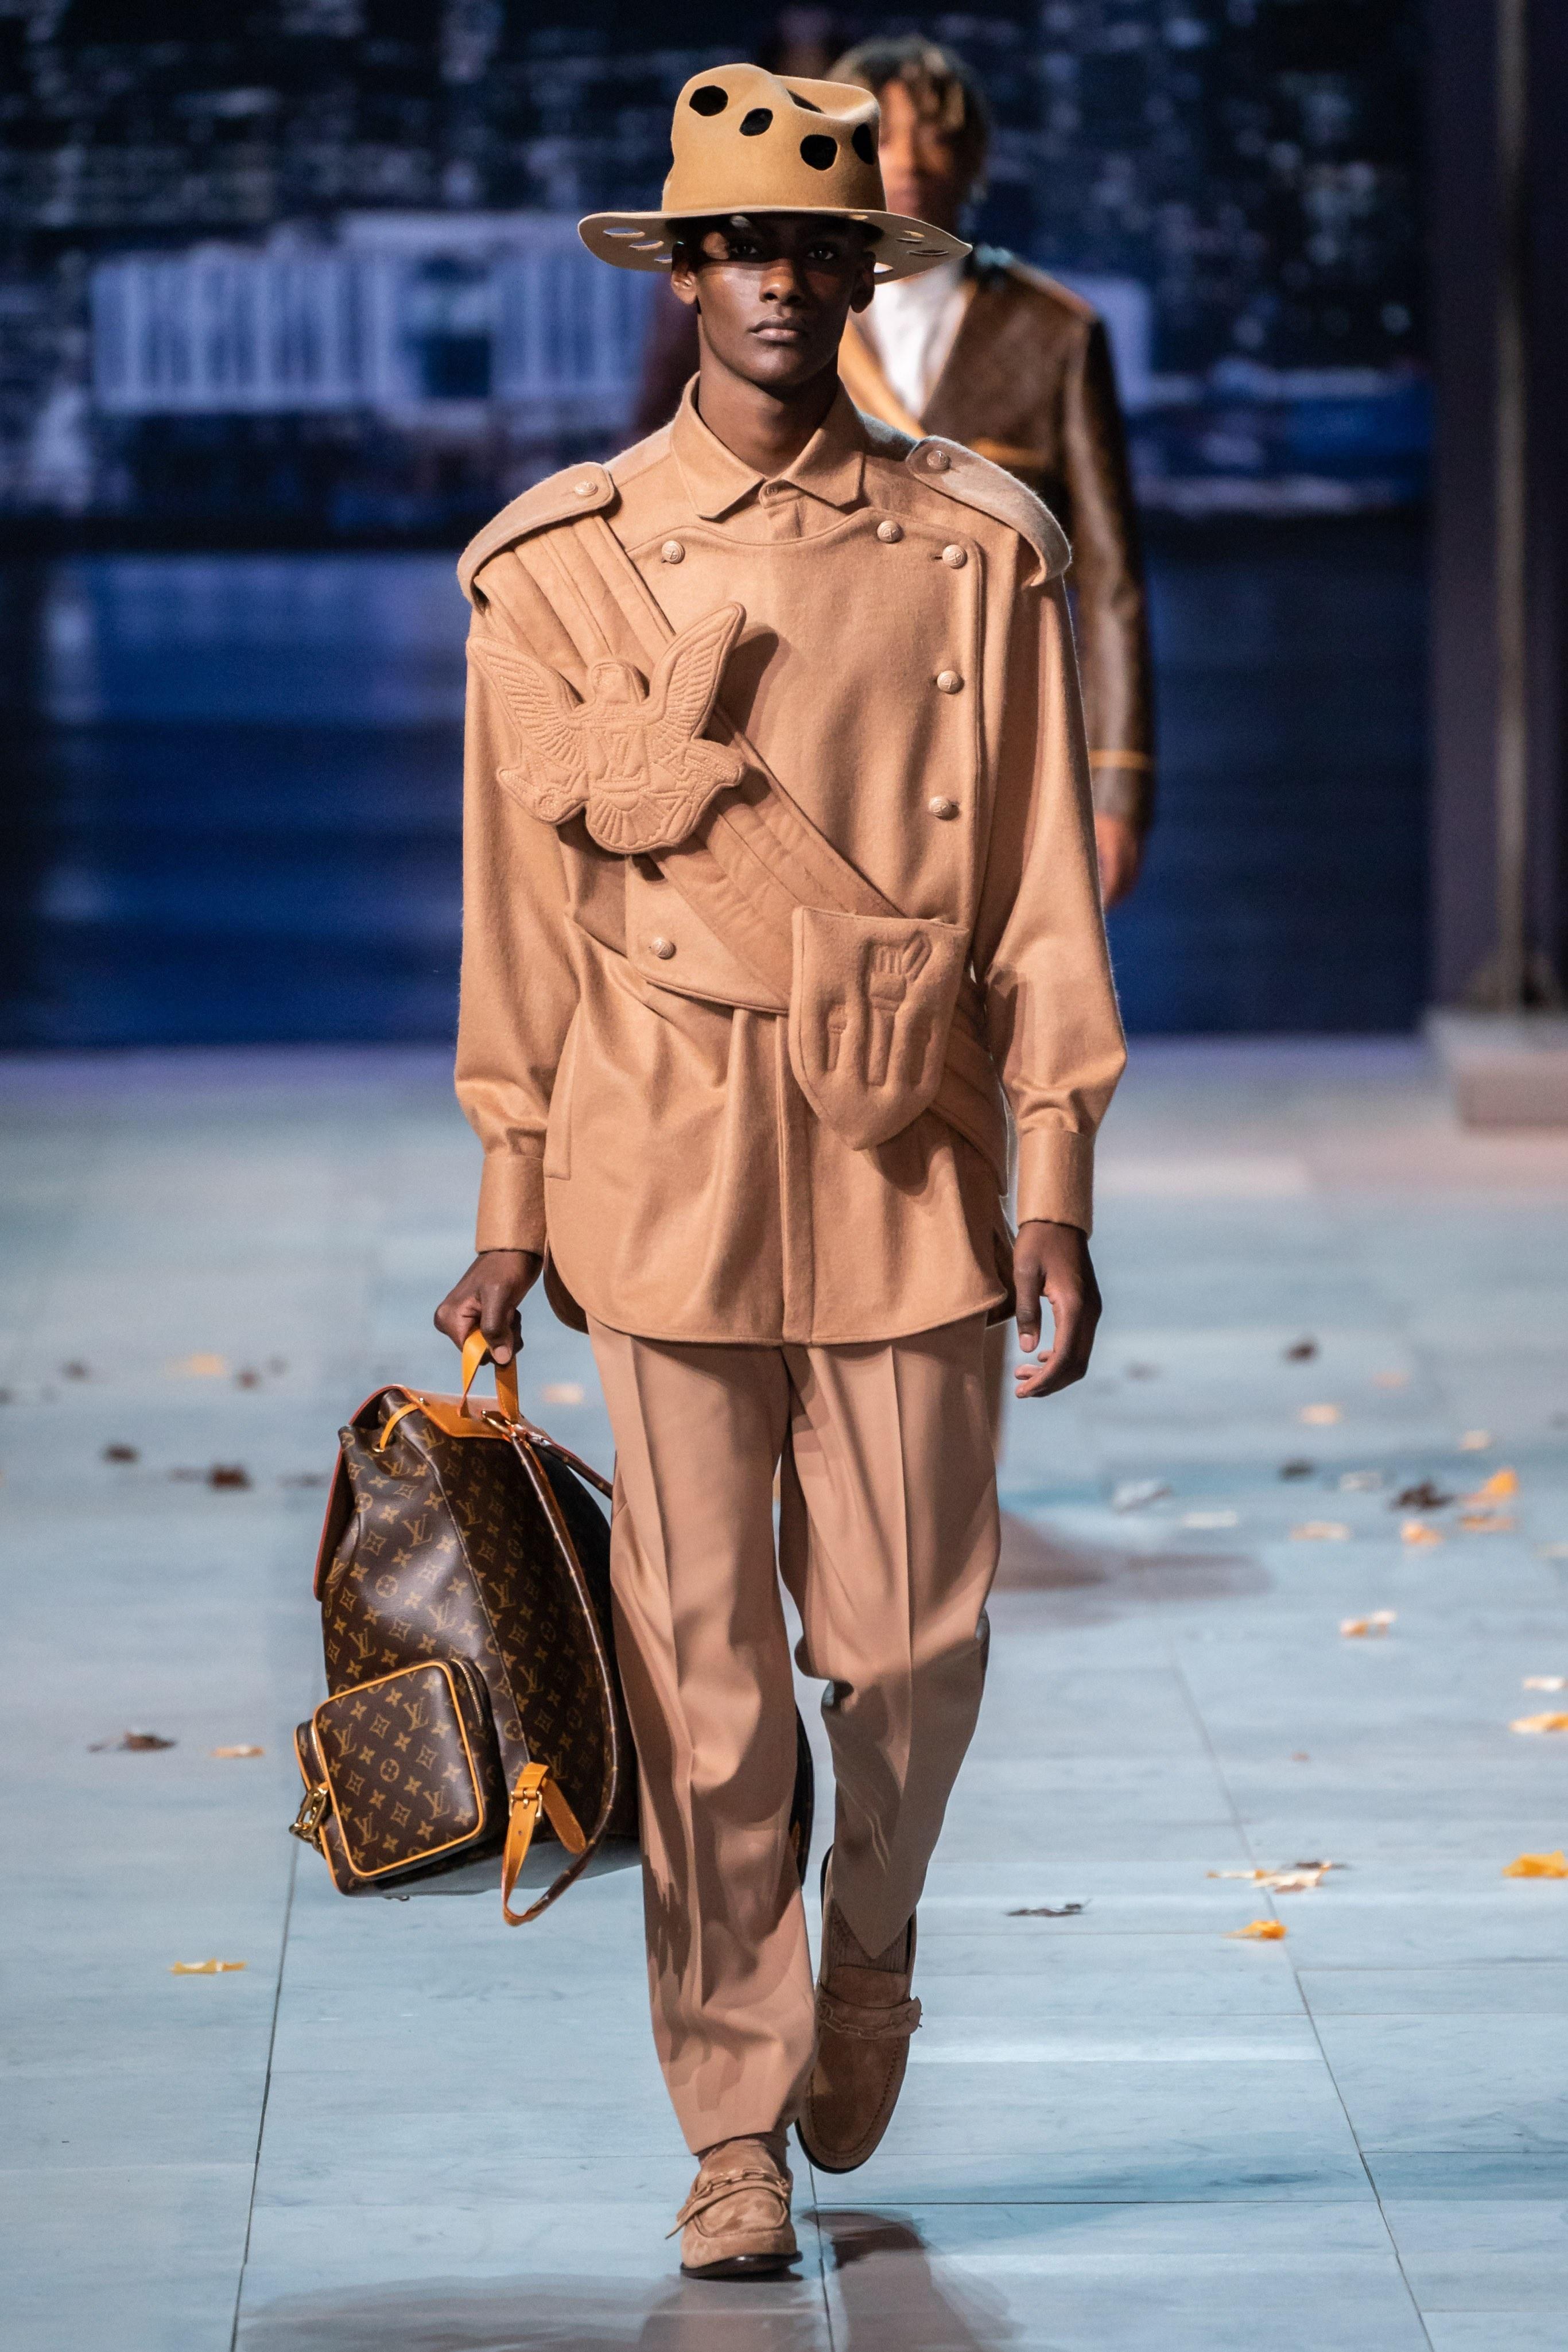 Michael Jackson an hien trong show dien thoi trang nam Louis Vuitton hinh anh 15